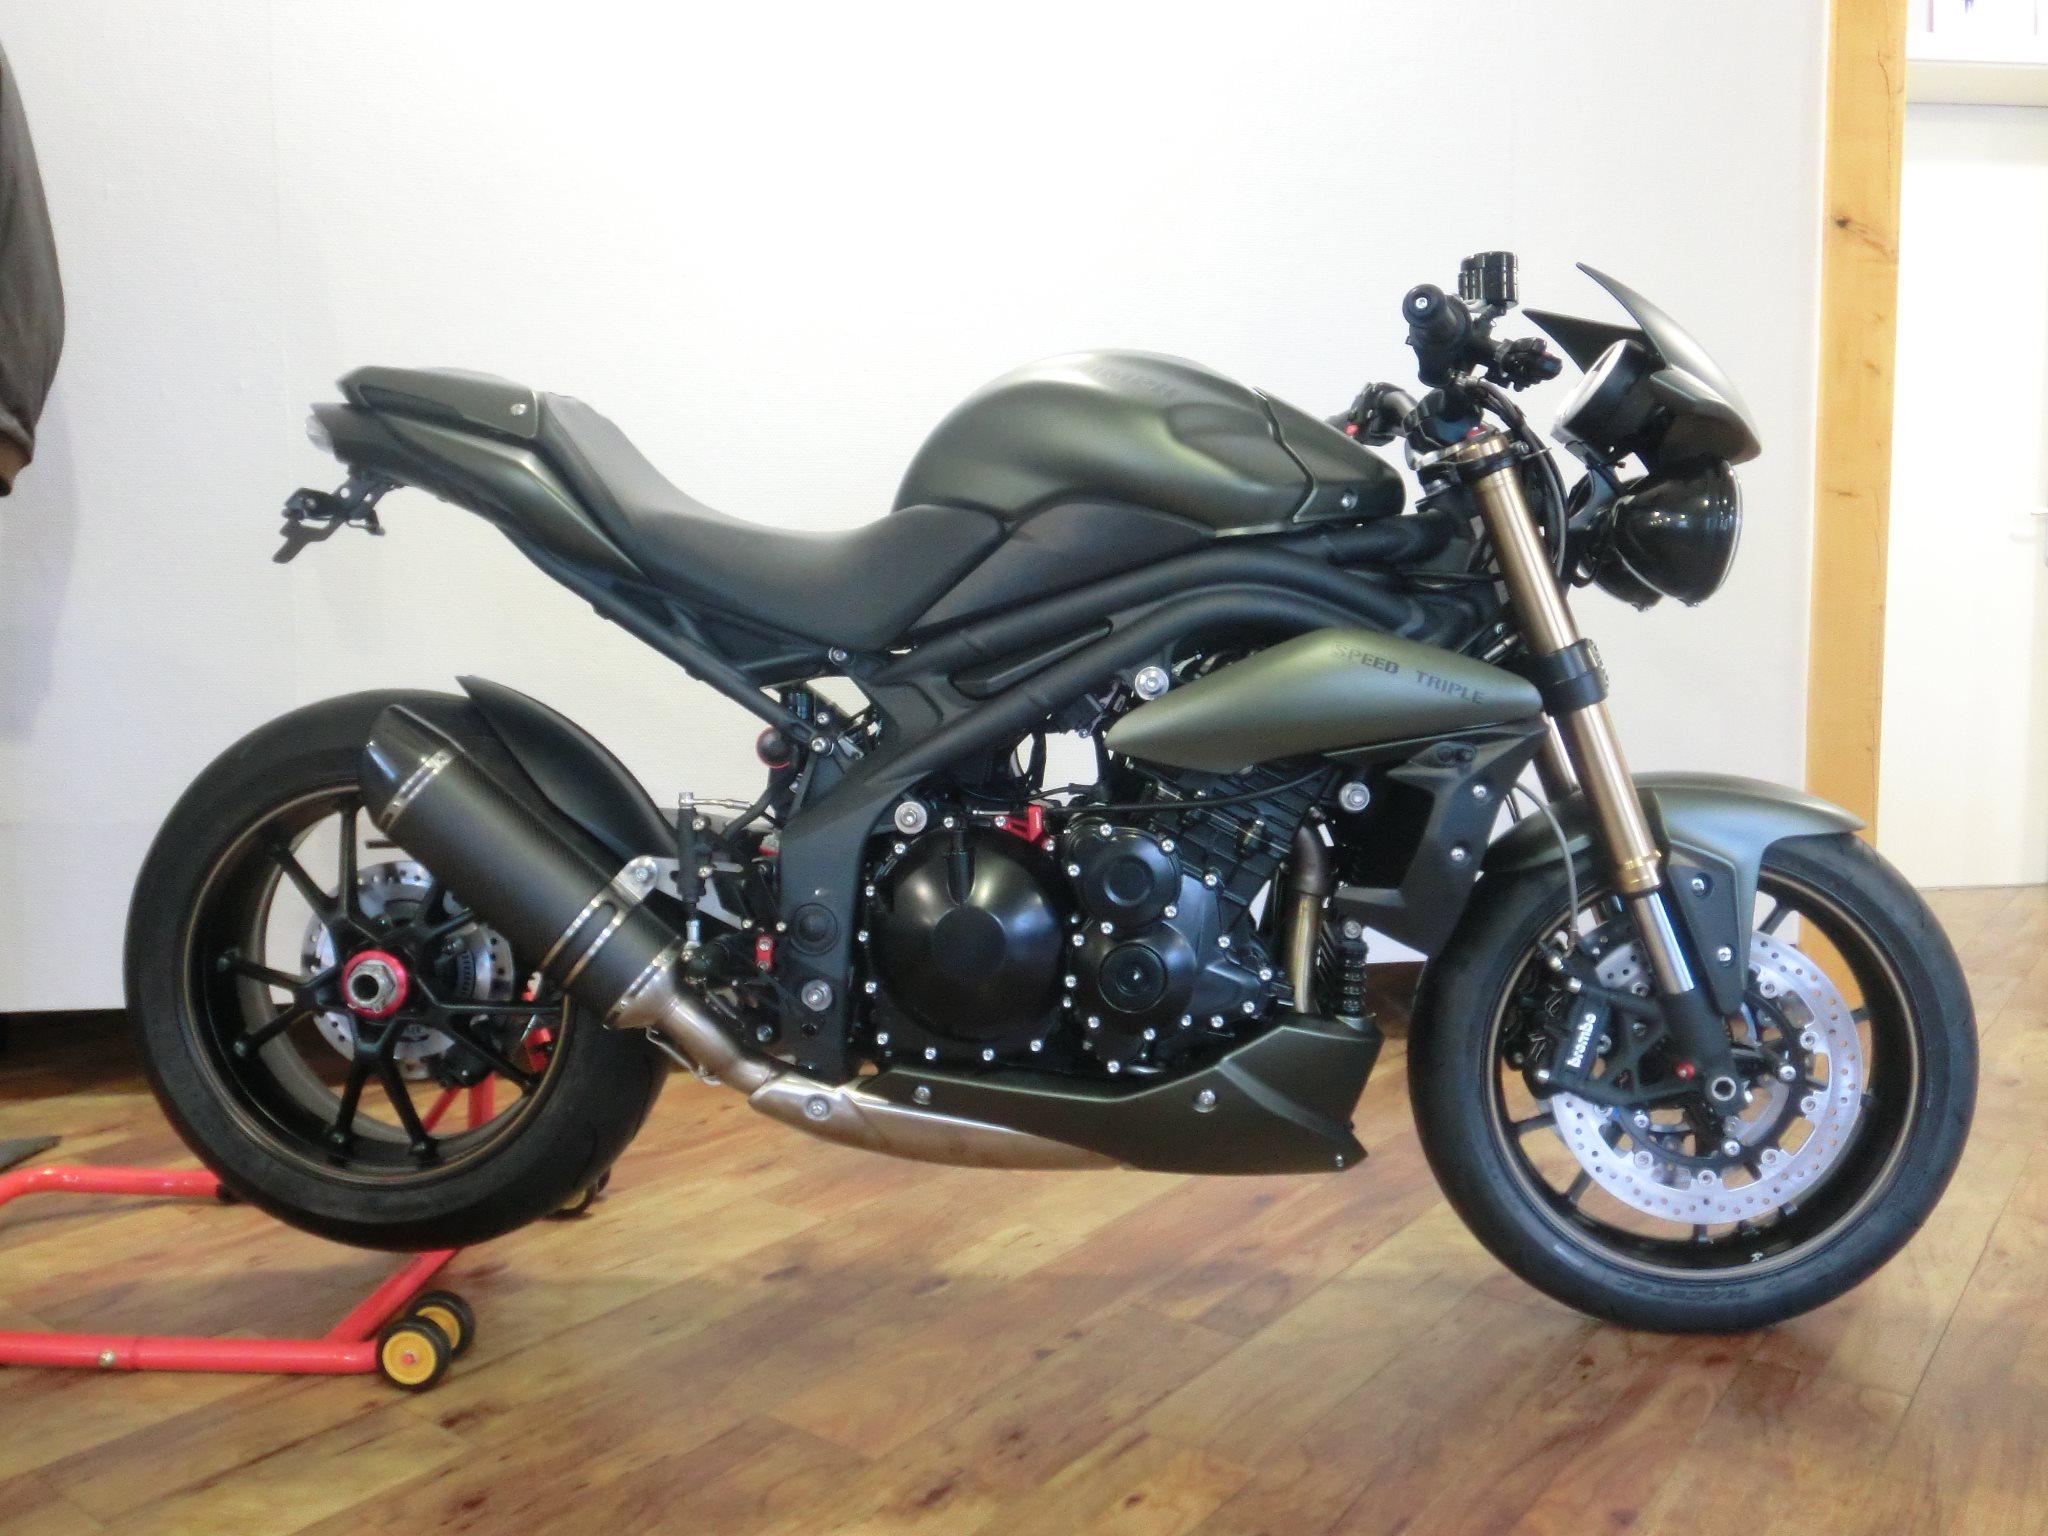 umgebautes motorrad triumph speed triple 1050 von triumph retail gmbh niederlassung frankfurt. Black Bedroom Furniture Sets. Home Design Ideas